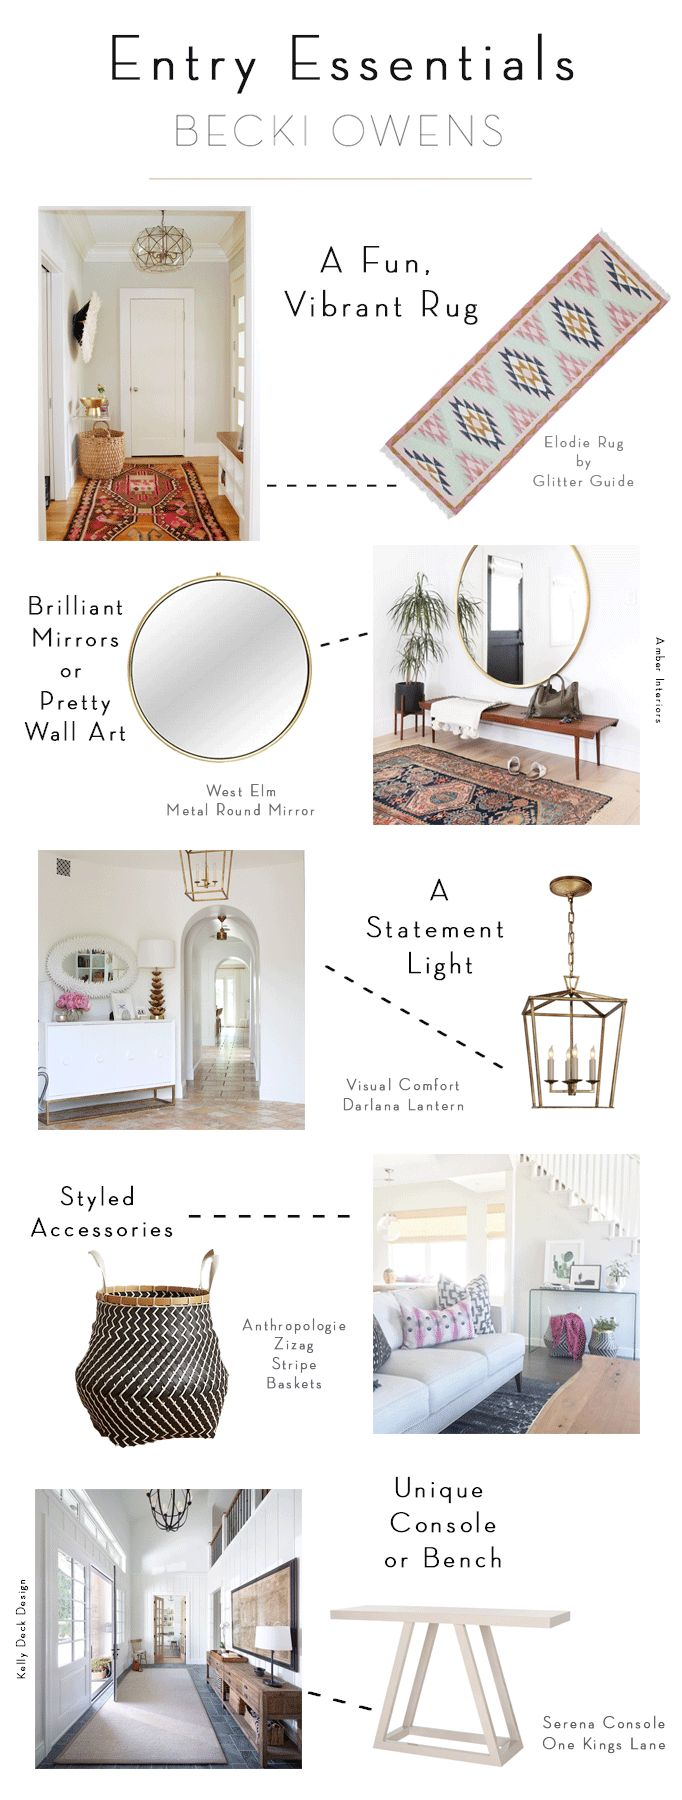 first home essentials checklist pdf